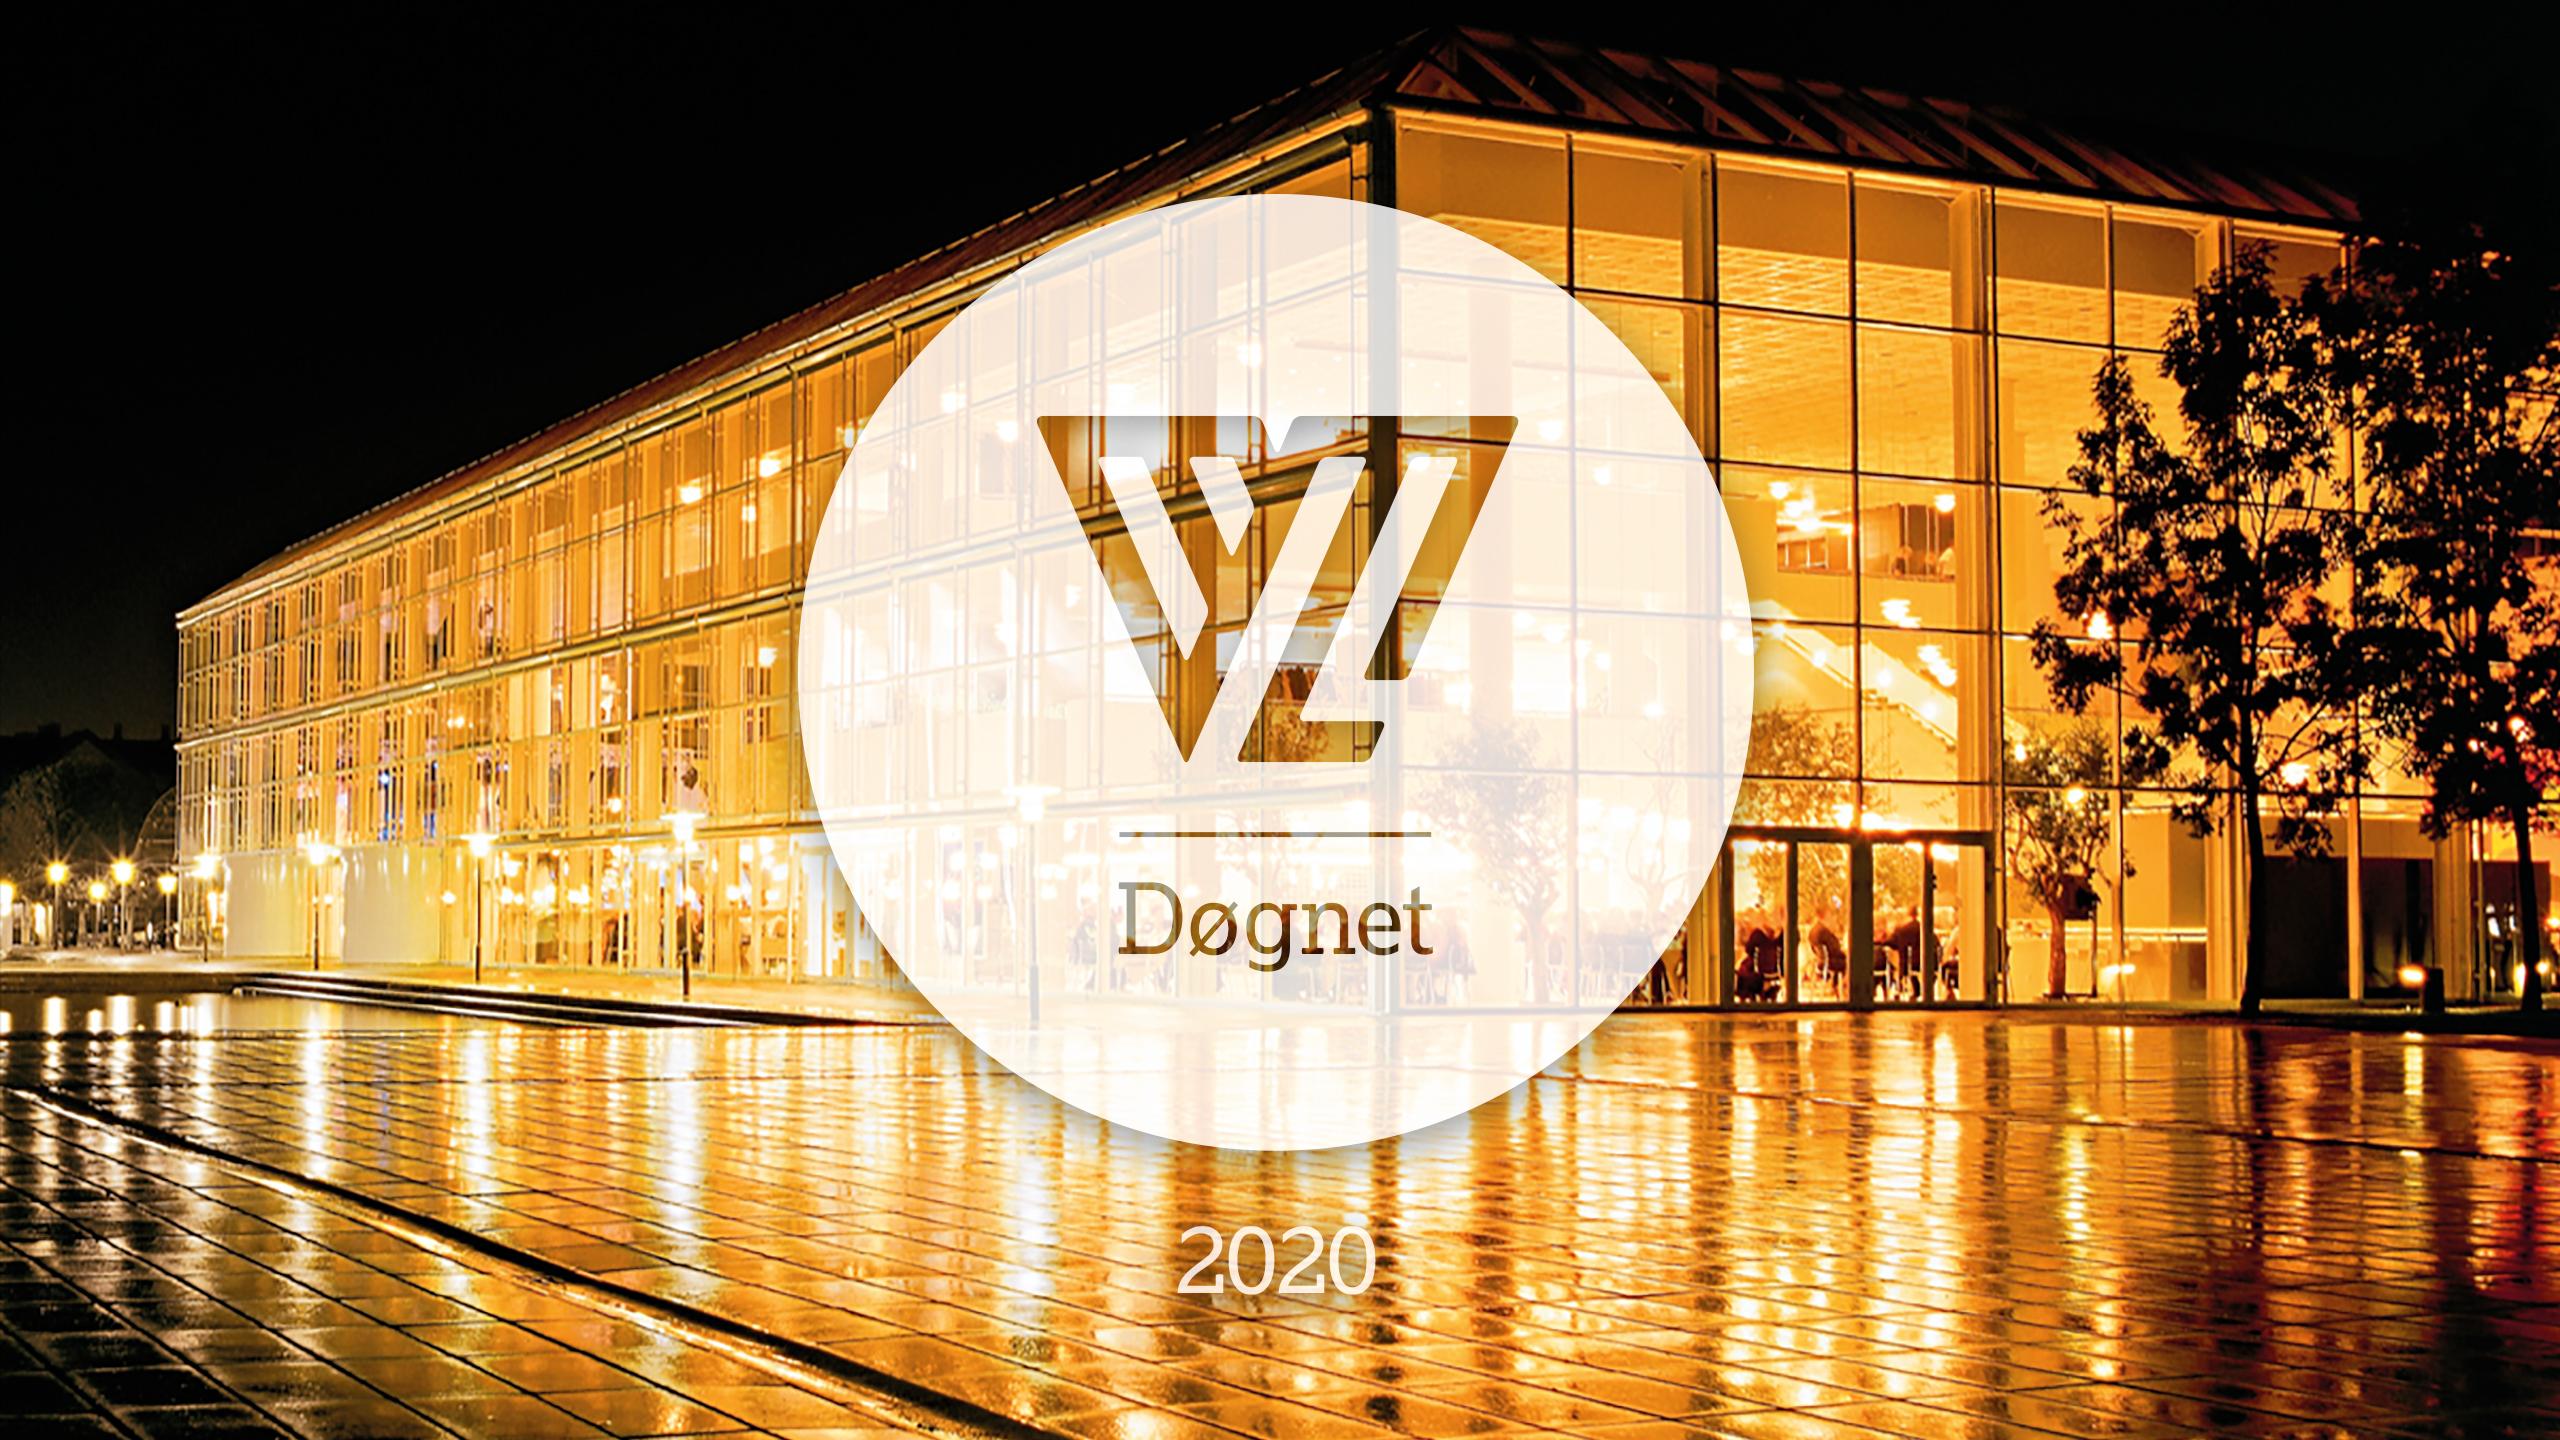 VL Døgnet 2020 i kendte rammer aflyses. Nyt virtuelt format erstatter mødet i år.